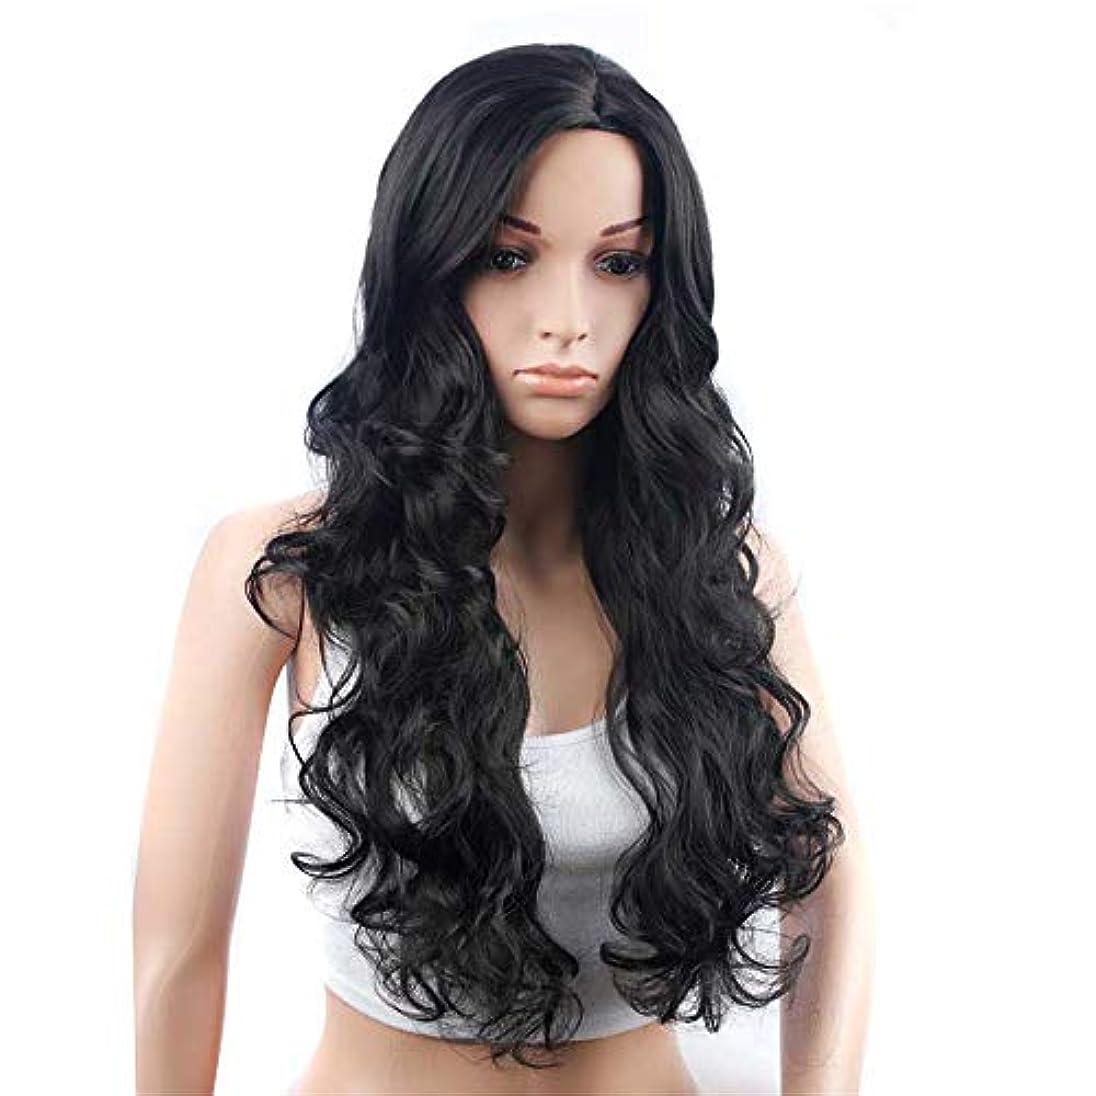 頑固な配管工価格ウィッグロングウェーブブラックカラーロングウェーブ人工毛高温繊維ヘアスタイル女性用髪の毛ナチュラルミドルパート耐熱ヘアプレイ、ハロウィン23インチ